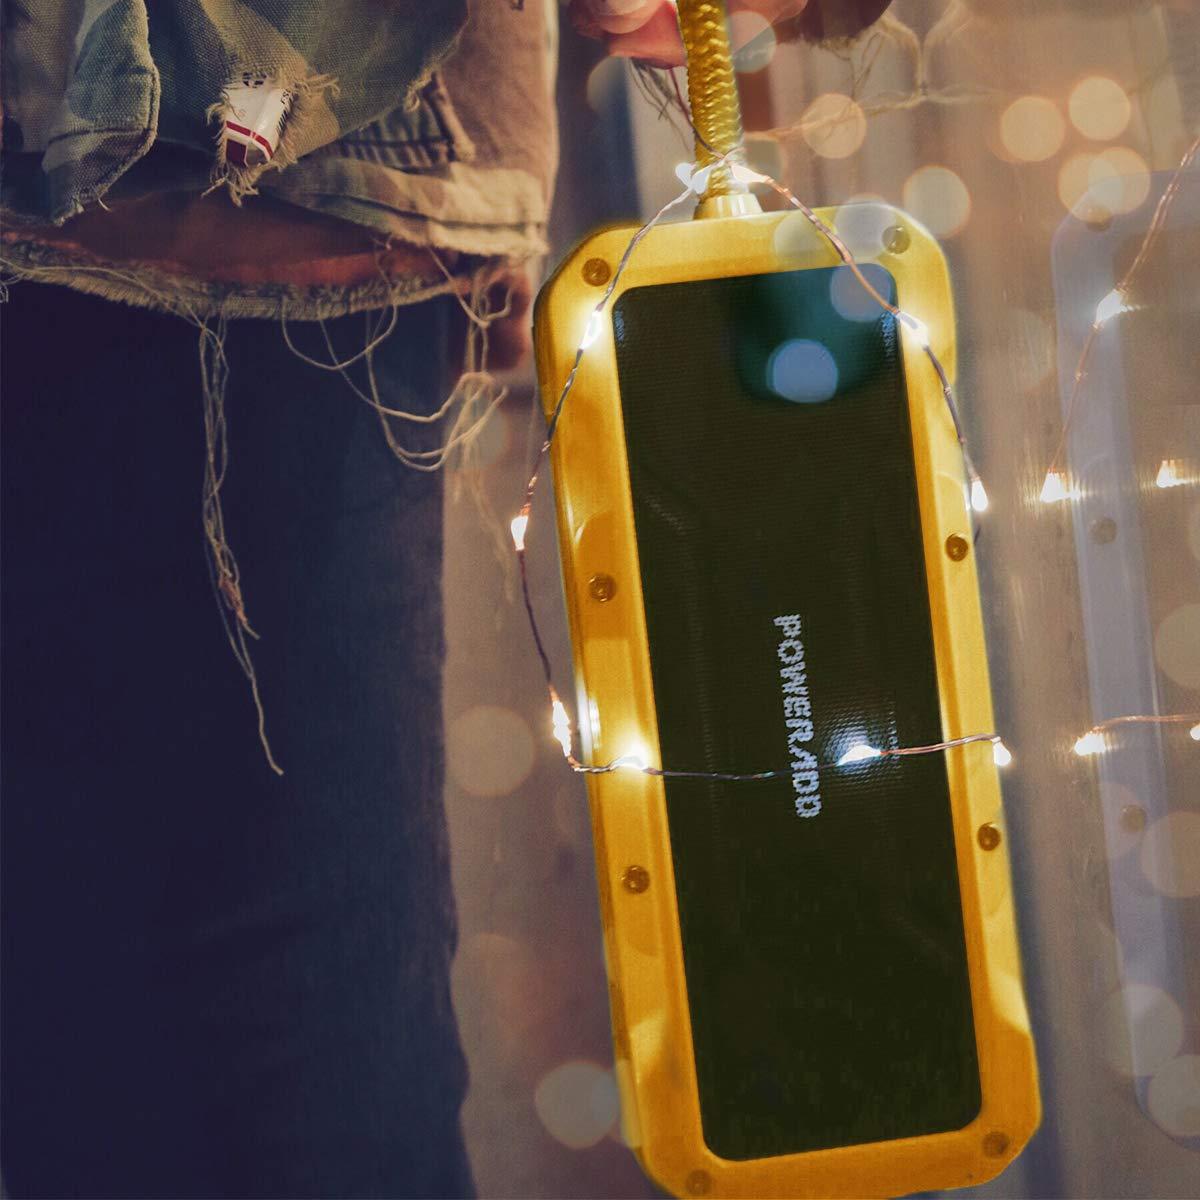 POWERADD Tragbare Lautsprecher Wasserdicht IPX7 Bluetooth Lautsprecher 4.2,36W Musik Box mit 4 StereoTreibern (2X13W+2x5W) mit 8000mAh Powerbank, bis zu 24 Stunden Spielzeit